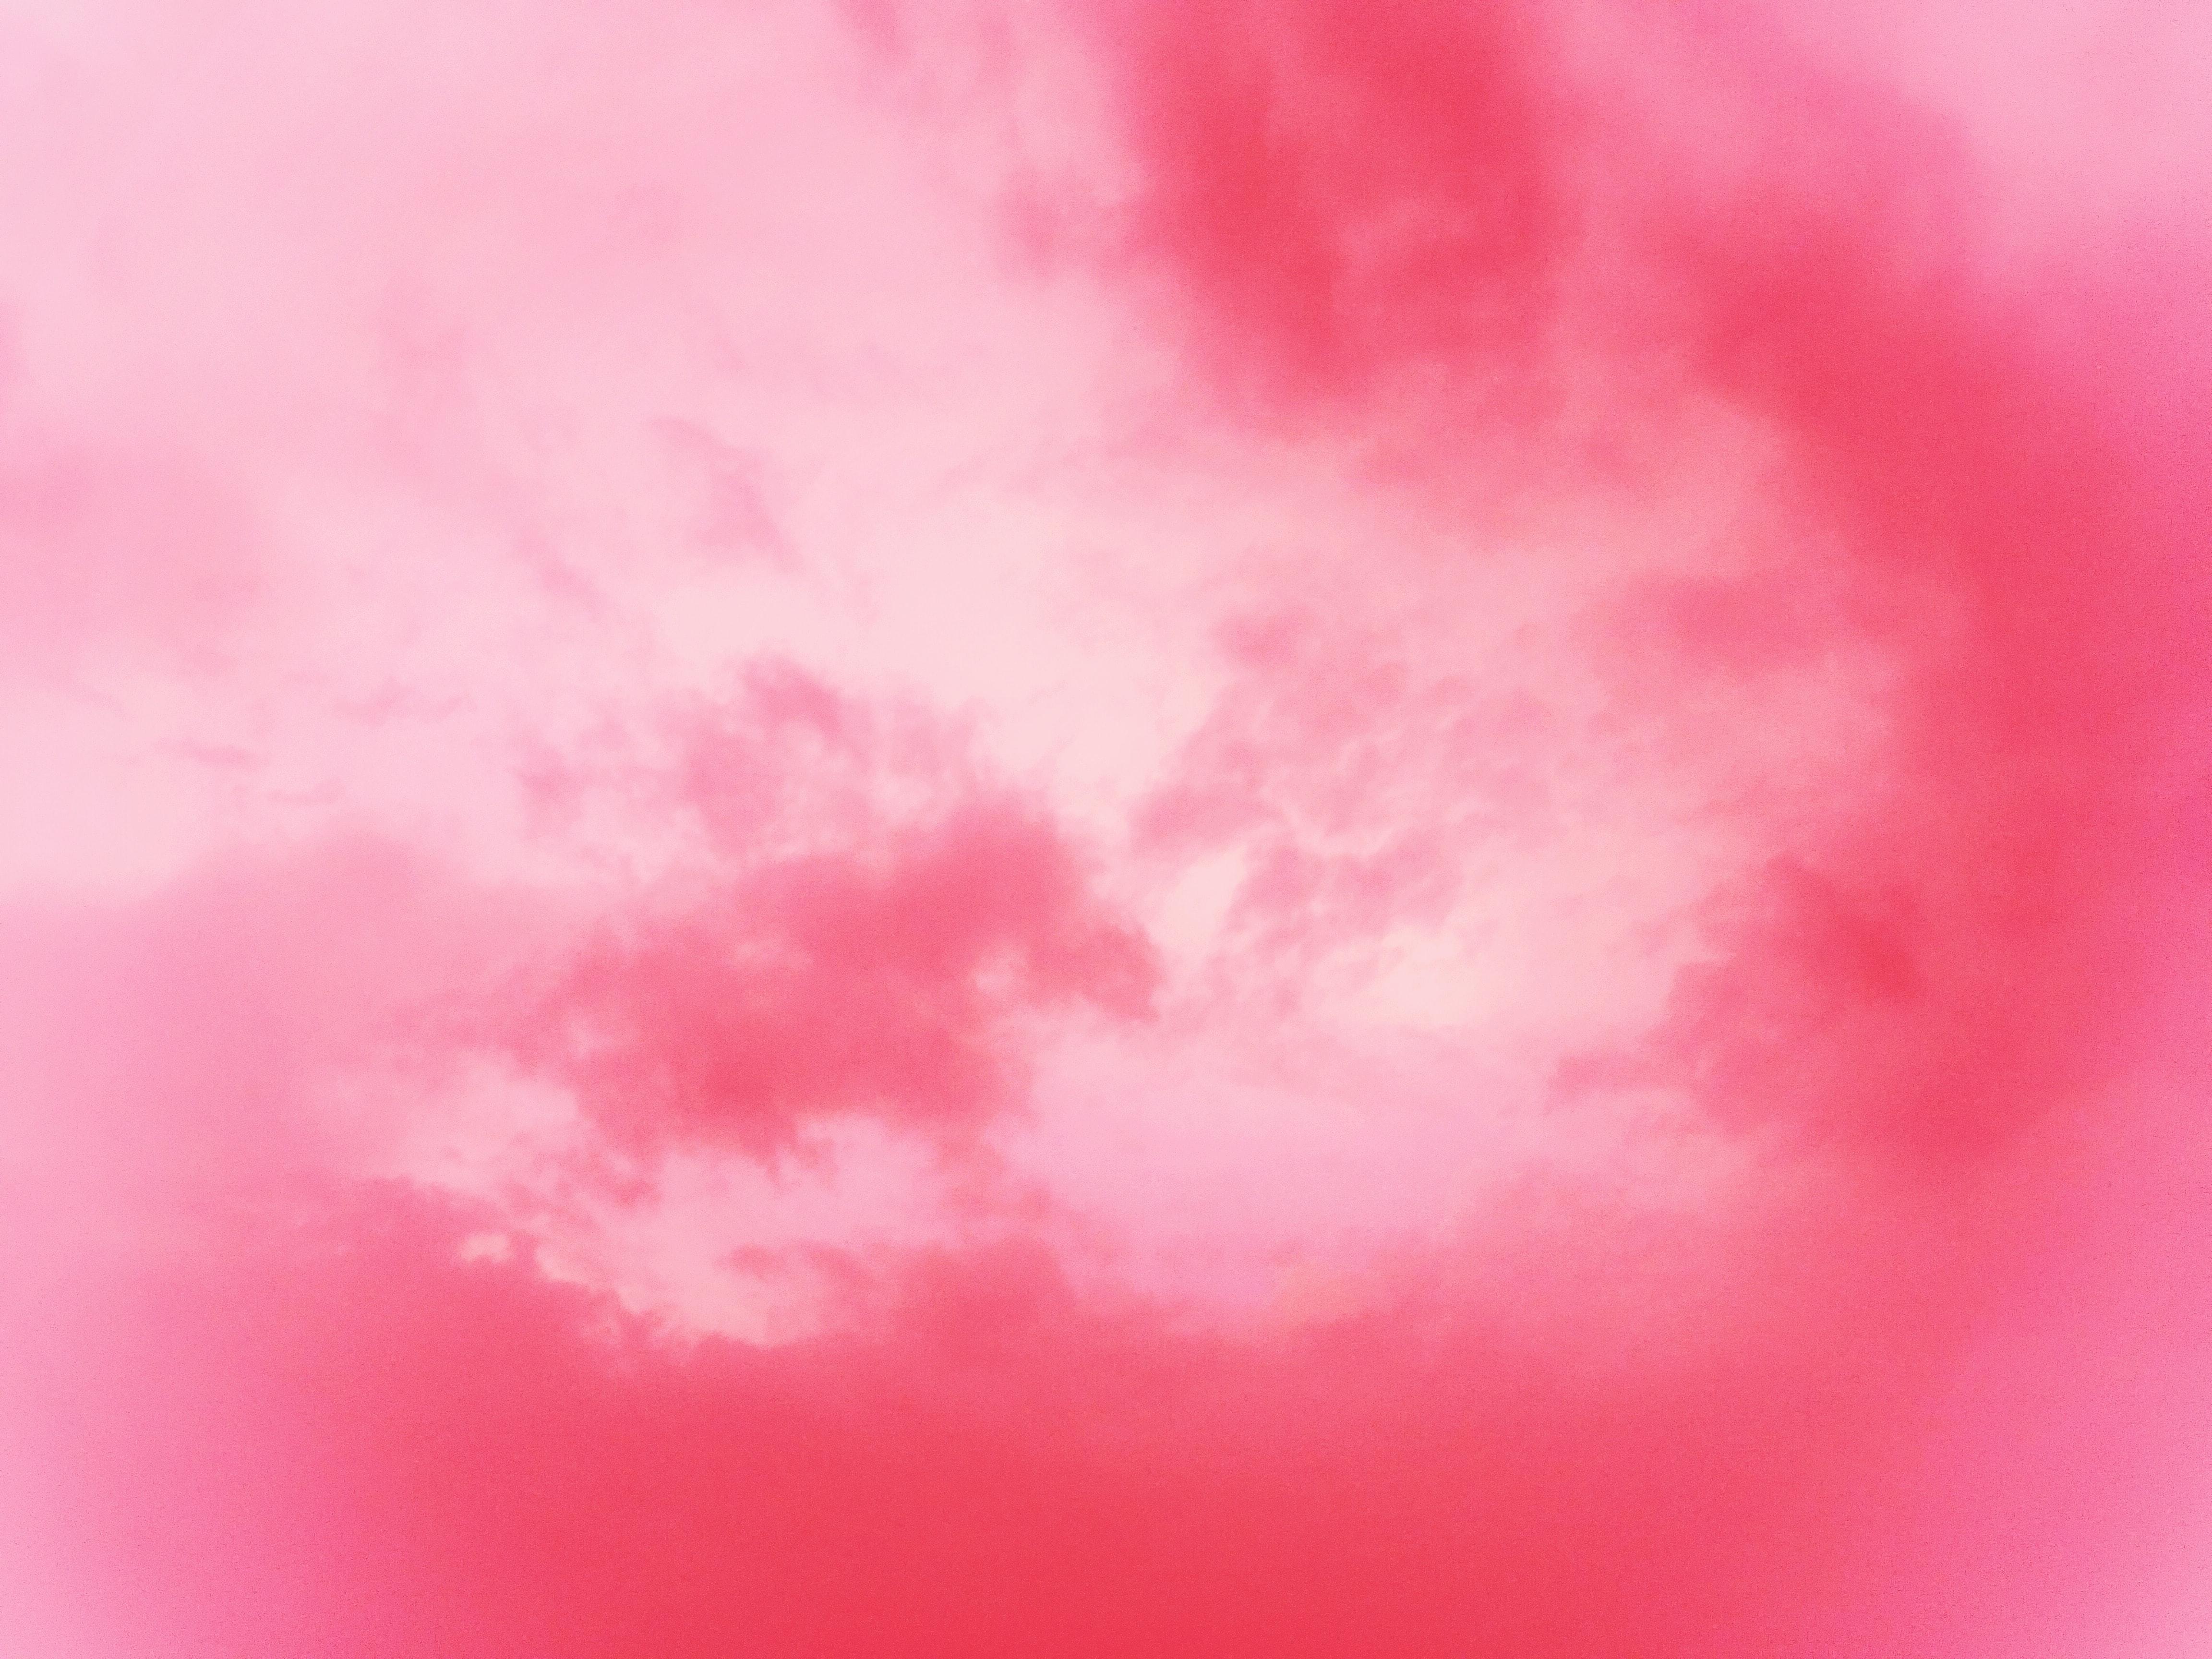 142056 Заставки и Обои Дым на телефон. Скачать Дым, Облака, Разное, Розовый картинки бесплатно